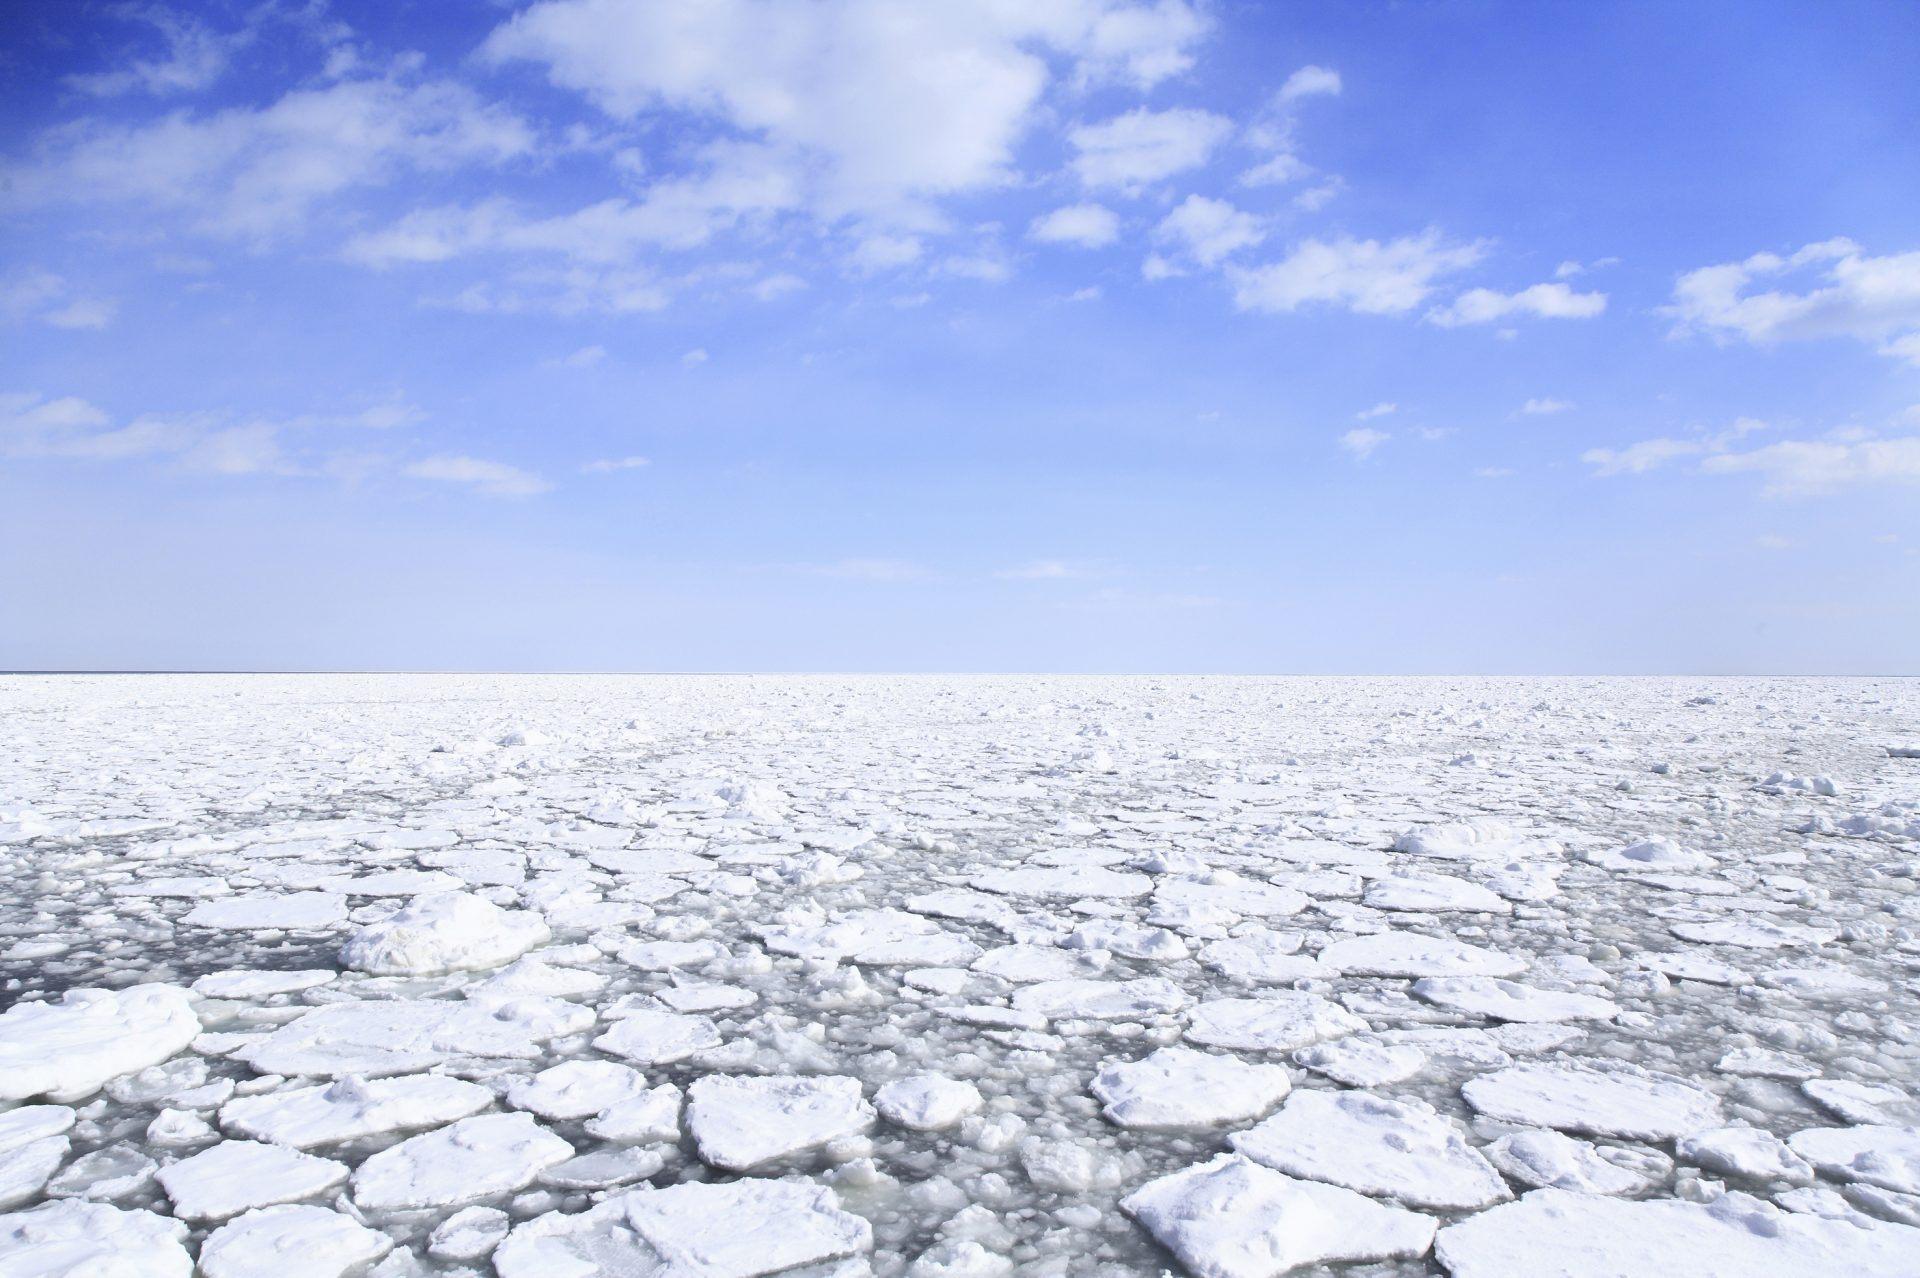 鄂霍次克海的流冰